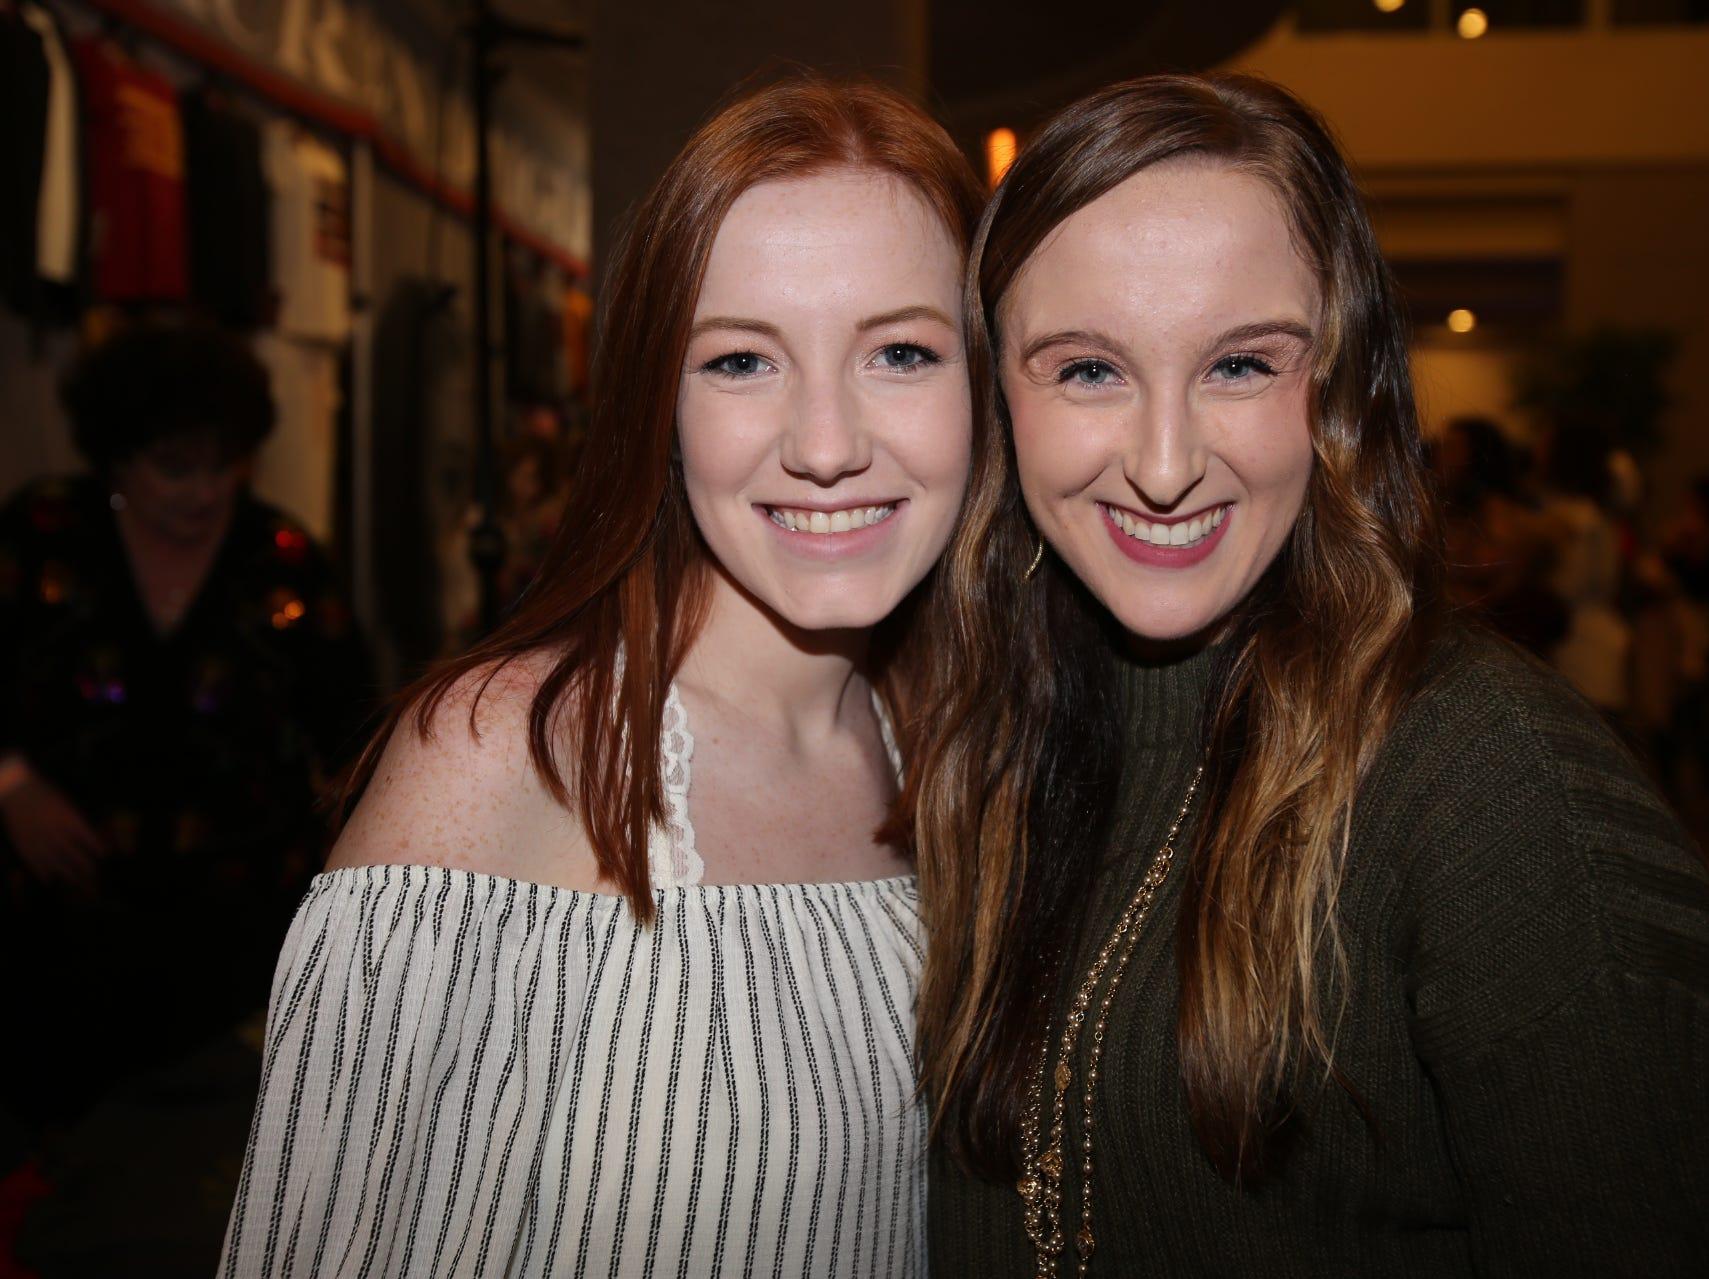 Sylvia Haase and Alexa McQueary